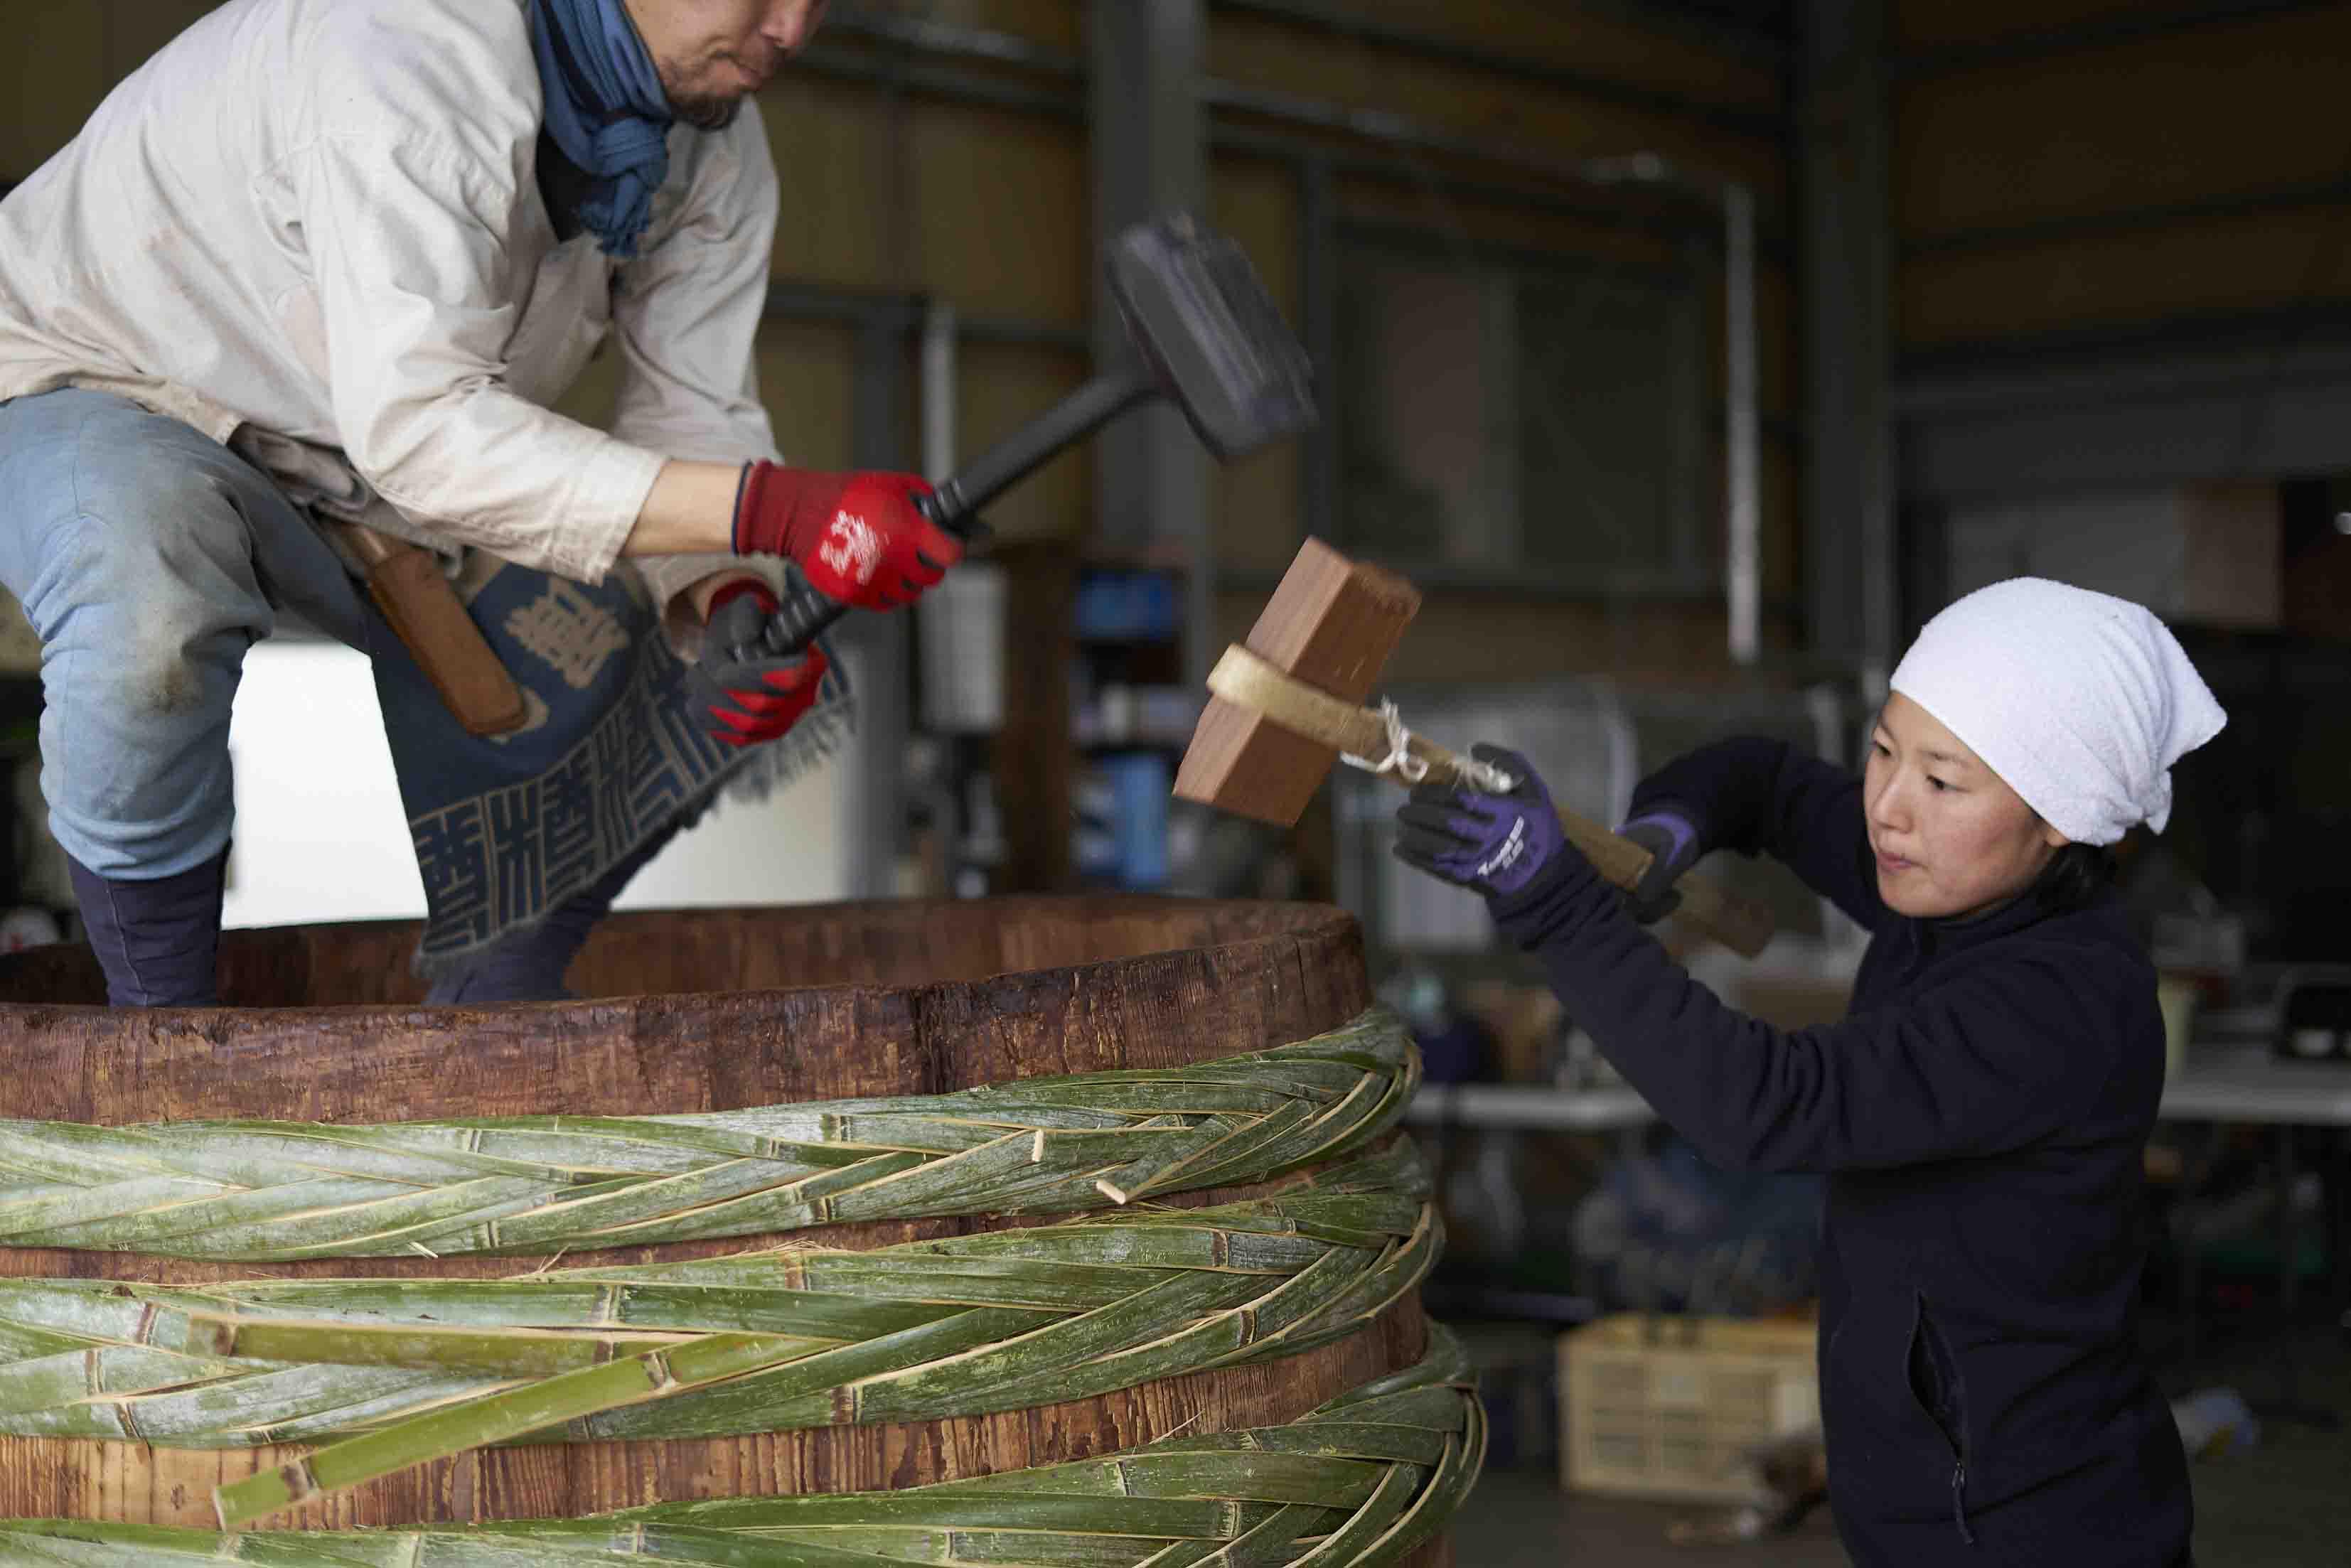 大樽を修理する原田さんと伊藤さん